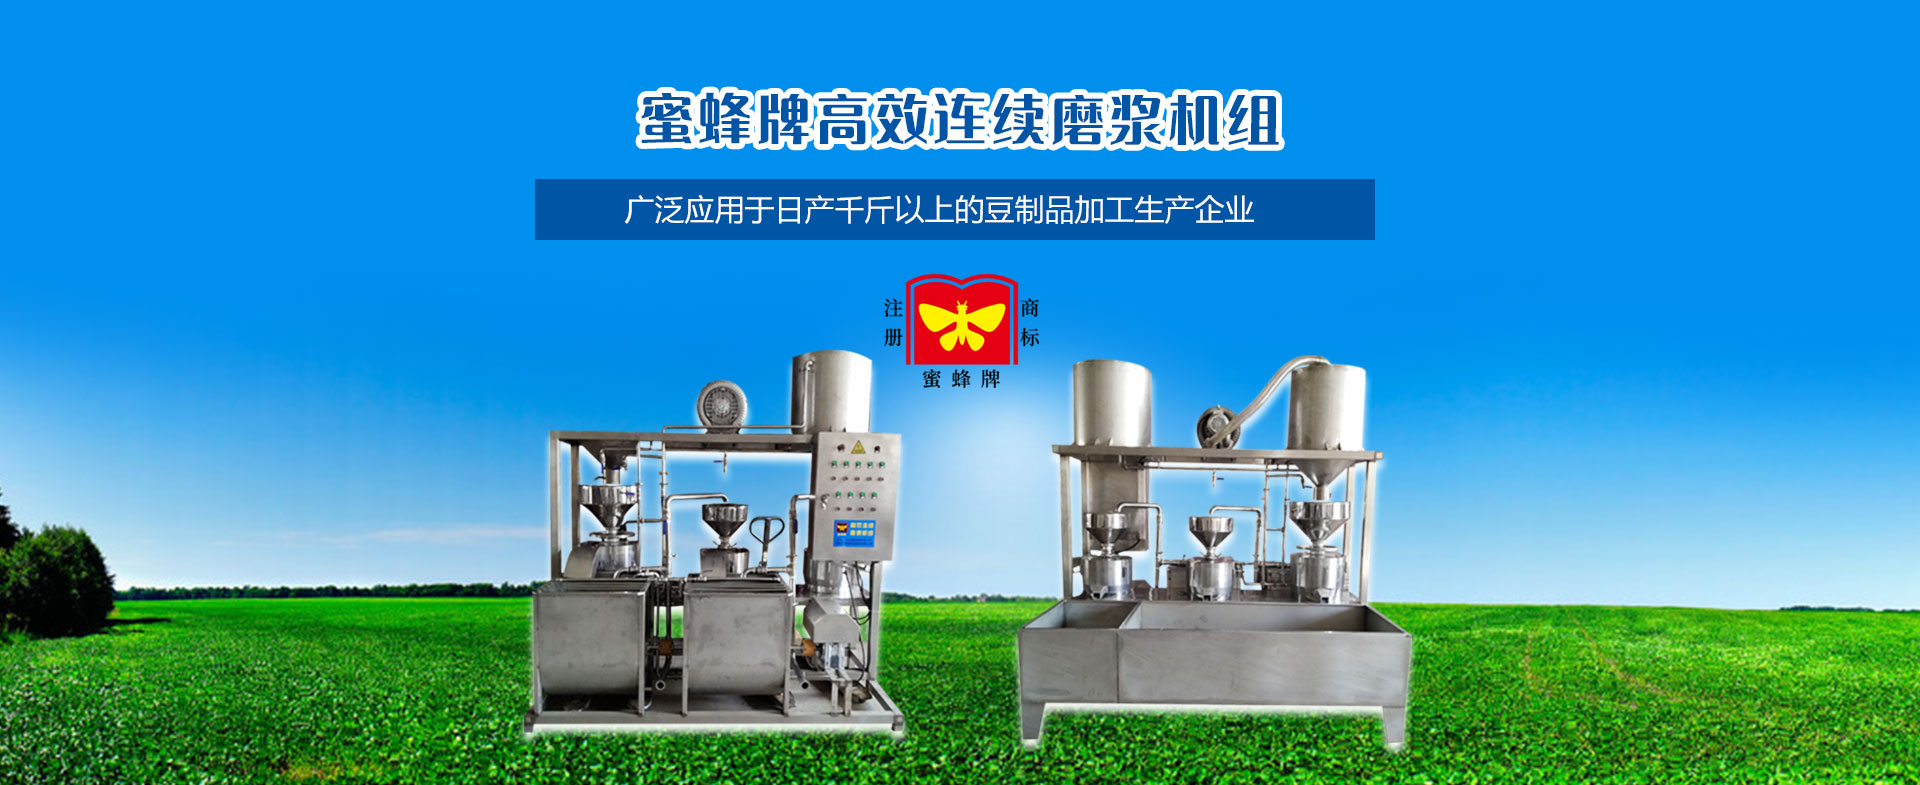 大豆磨浆机厂家